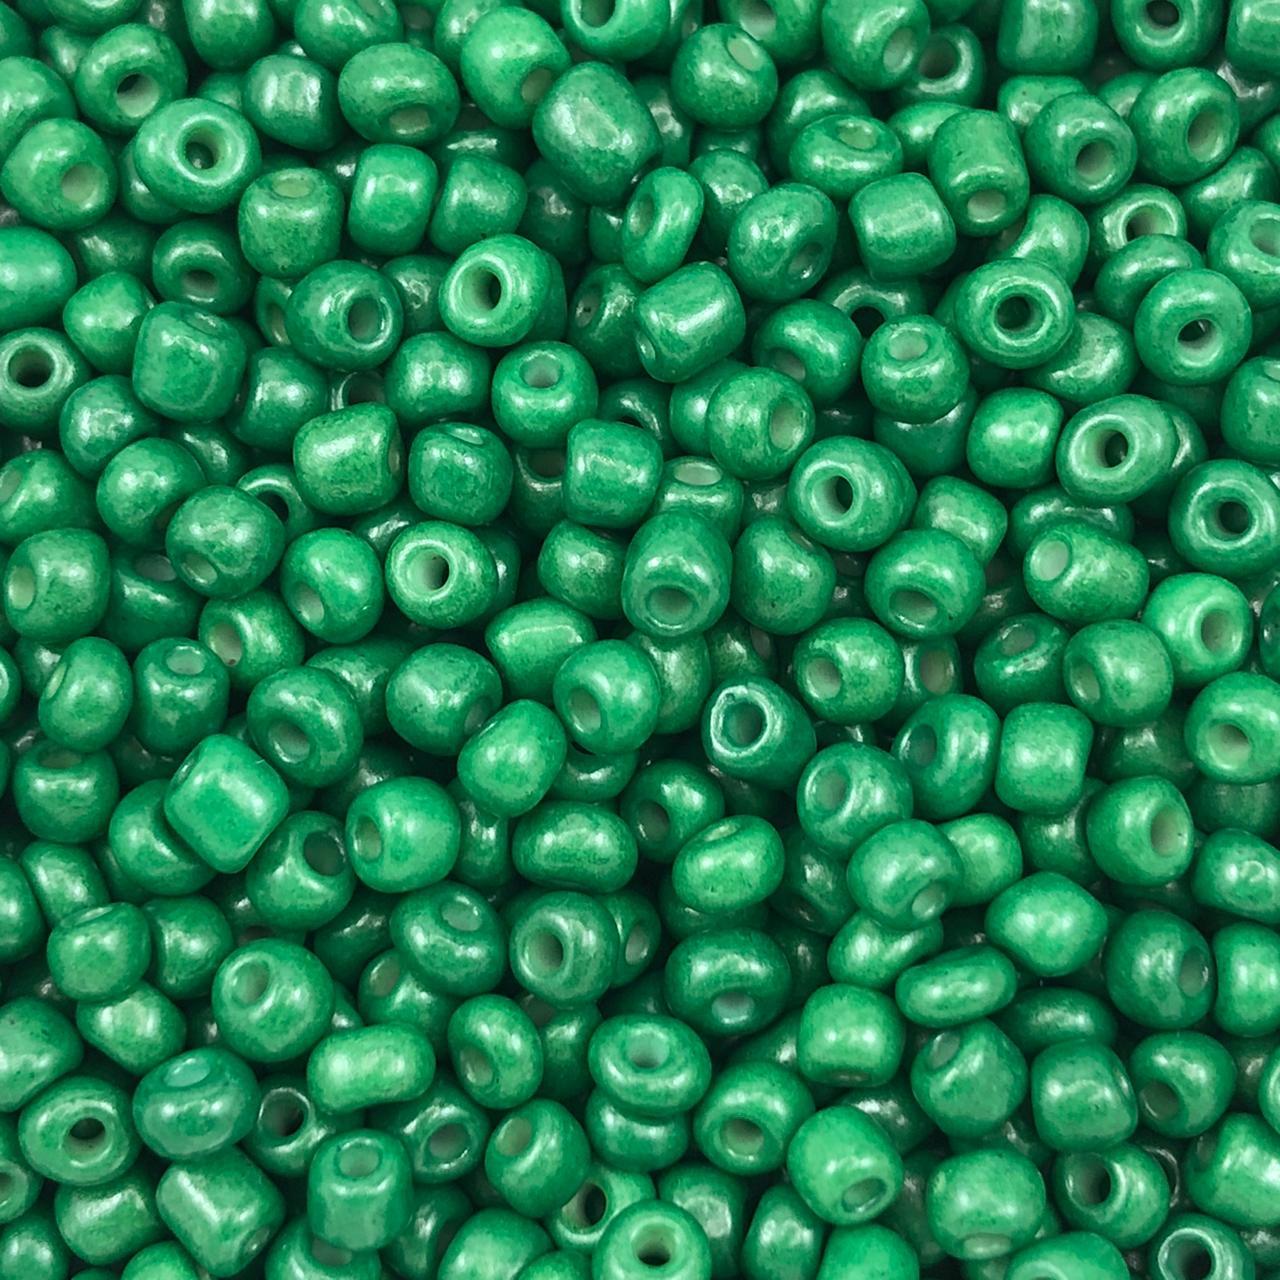 MIC246 - Miçanga Chinesa nº6 Verde Escuro 4,1mm - 10Grs